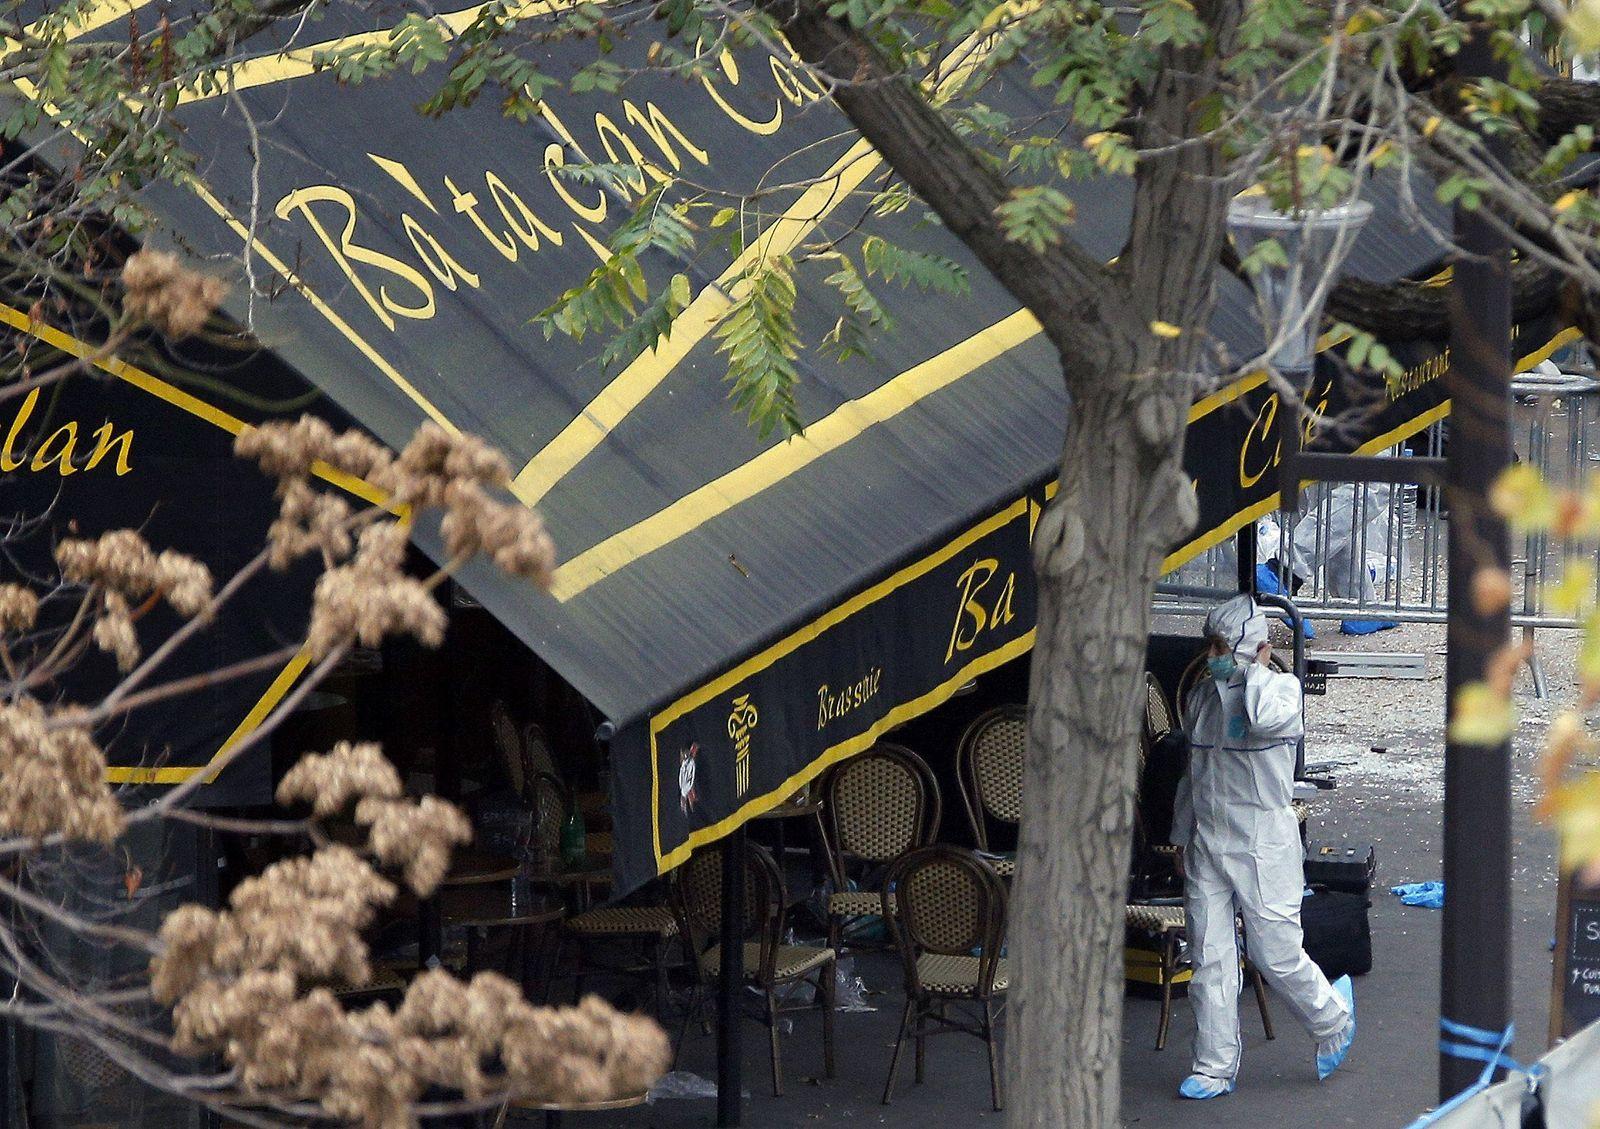 Frankreich/ Paris/ Nach Anschlägen/ Bataclan/ Polizei